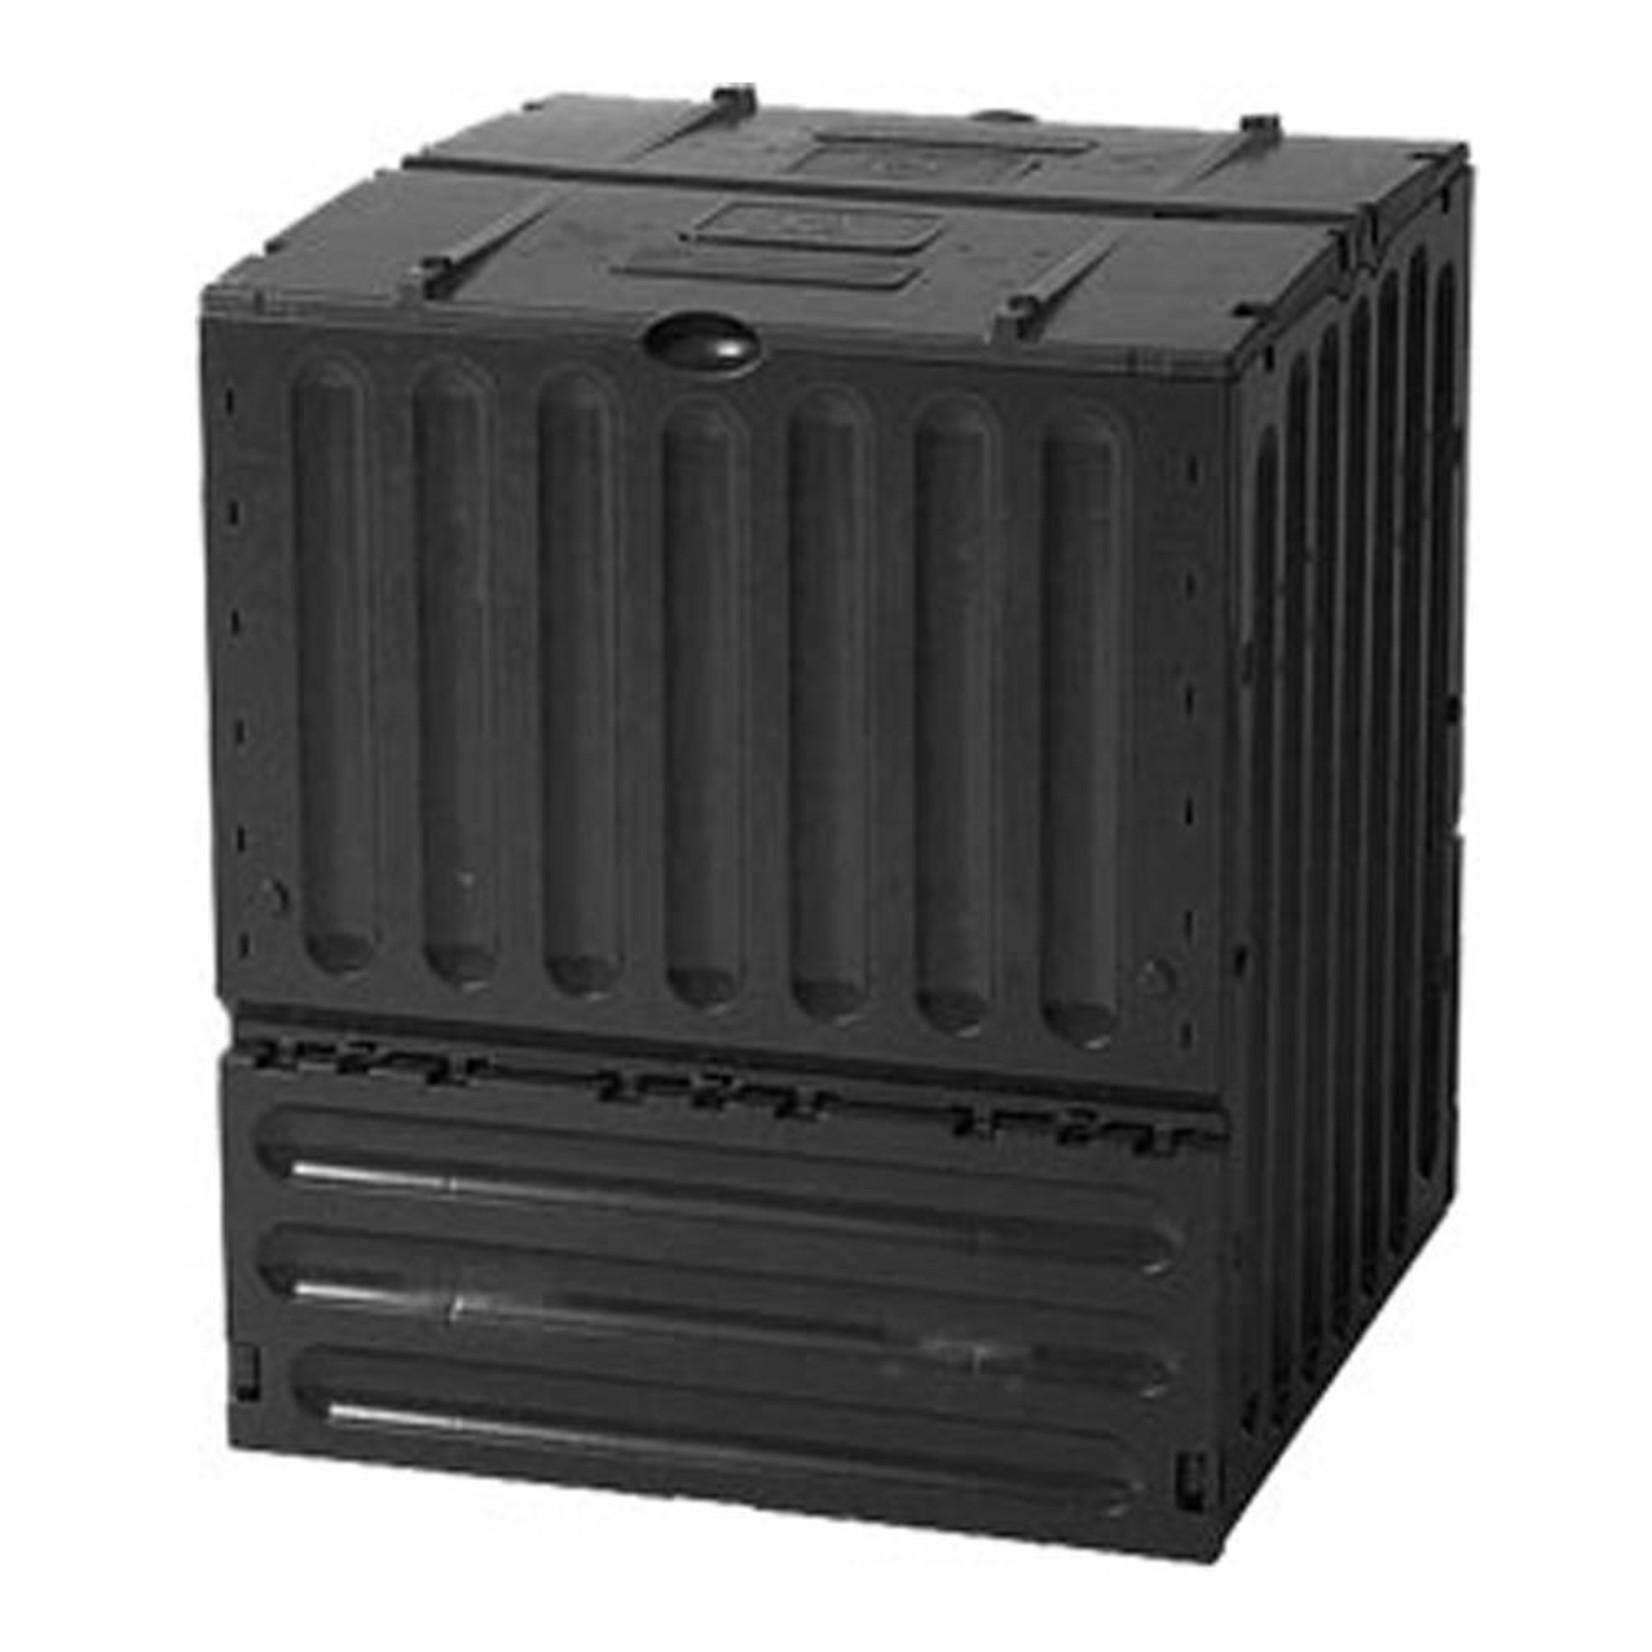 Meuwissen Agro Compostvat Eco-king 400 liter zwart l.70 x b.70 x h.83 cm